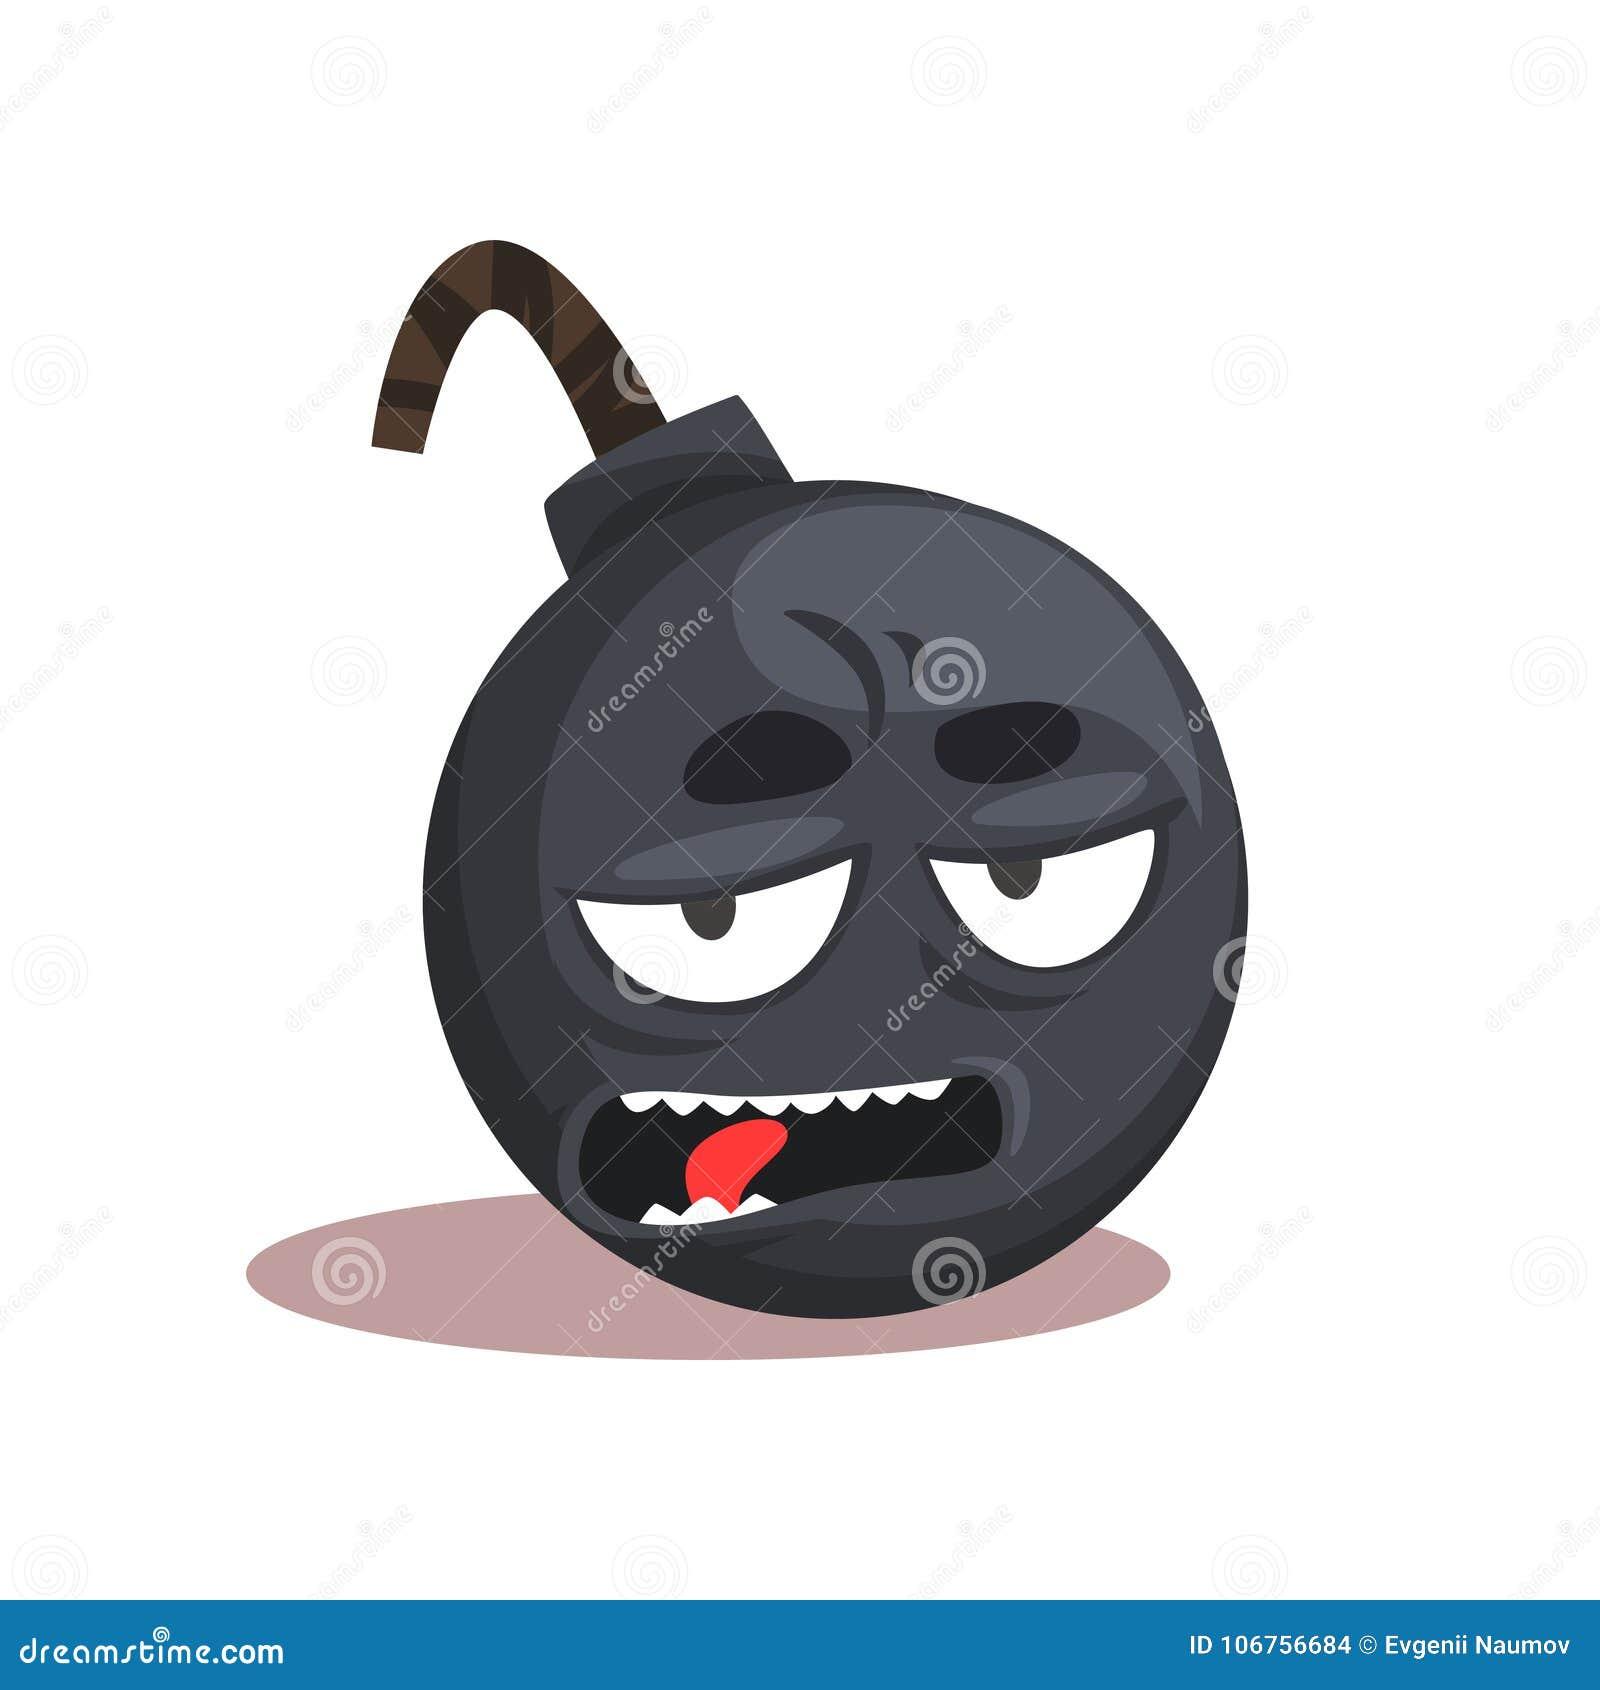 Disney emoji blitz ecco come ottenere le nuove emoji a tema